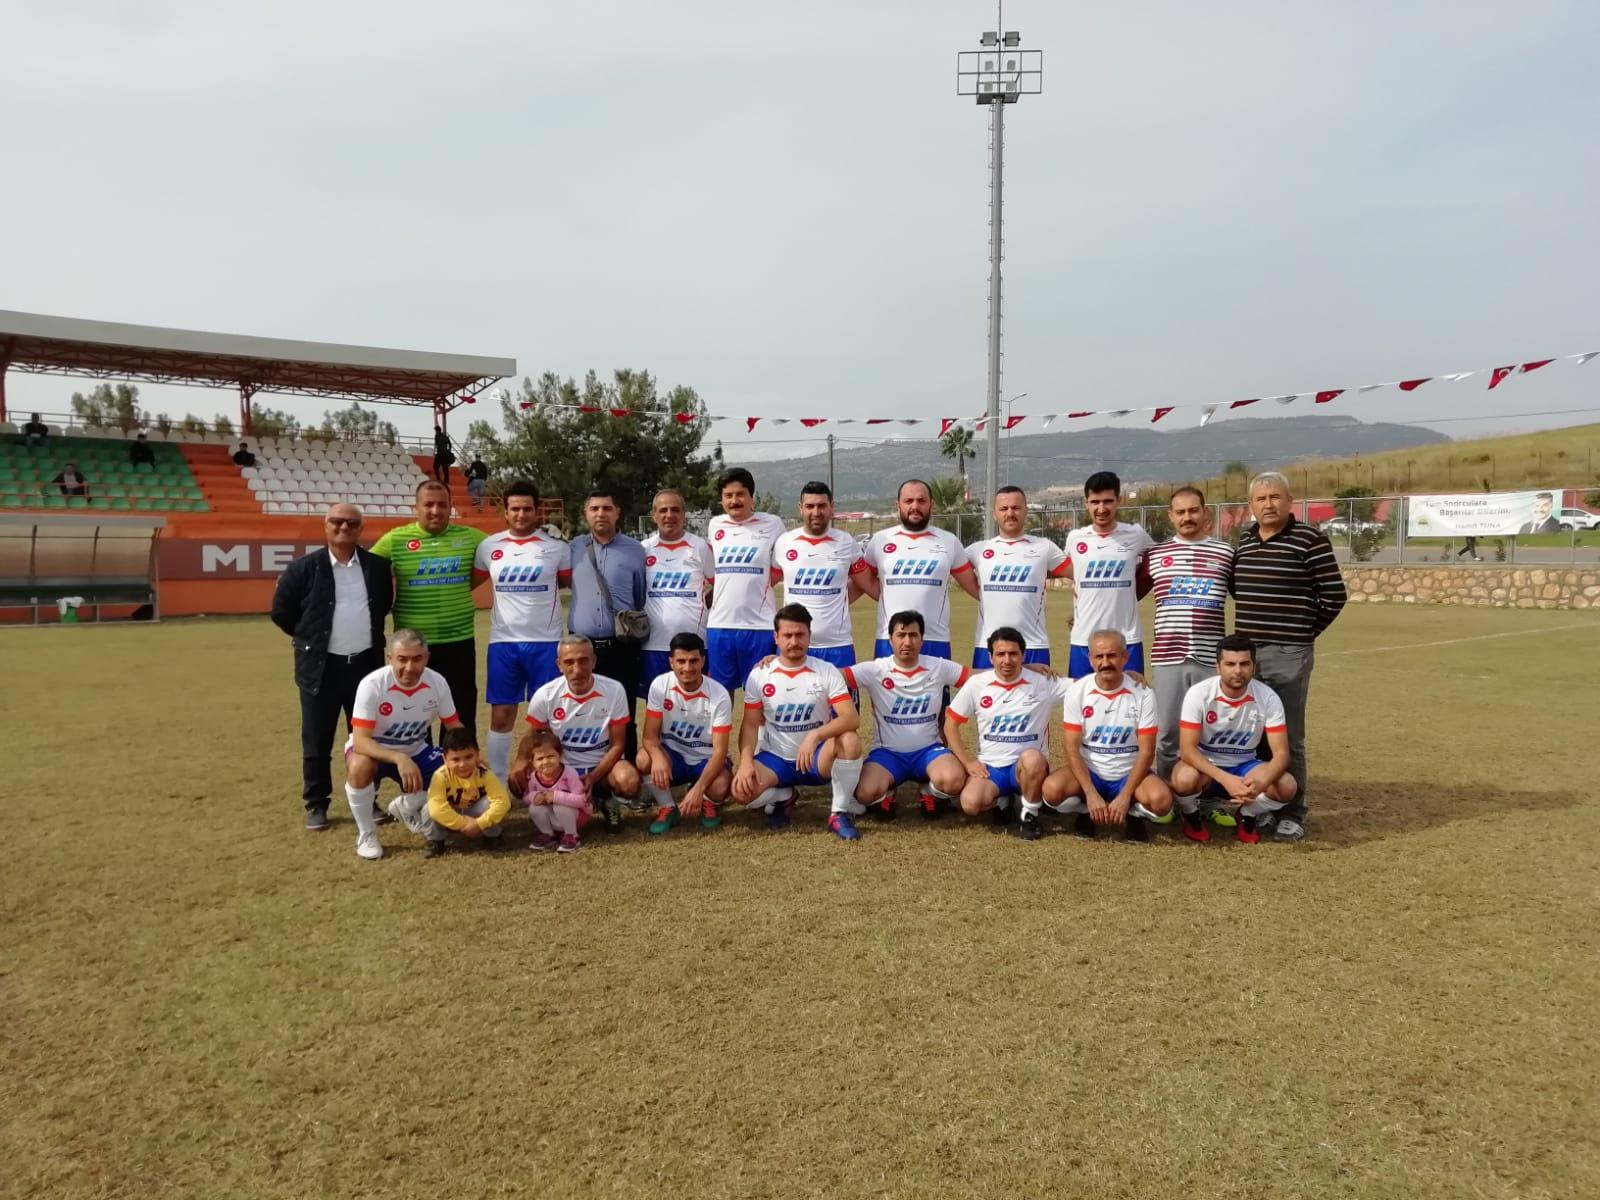 3 Ocak Kurumlar arası geleneksel Futbol Turnuvası devam ediyor.